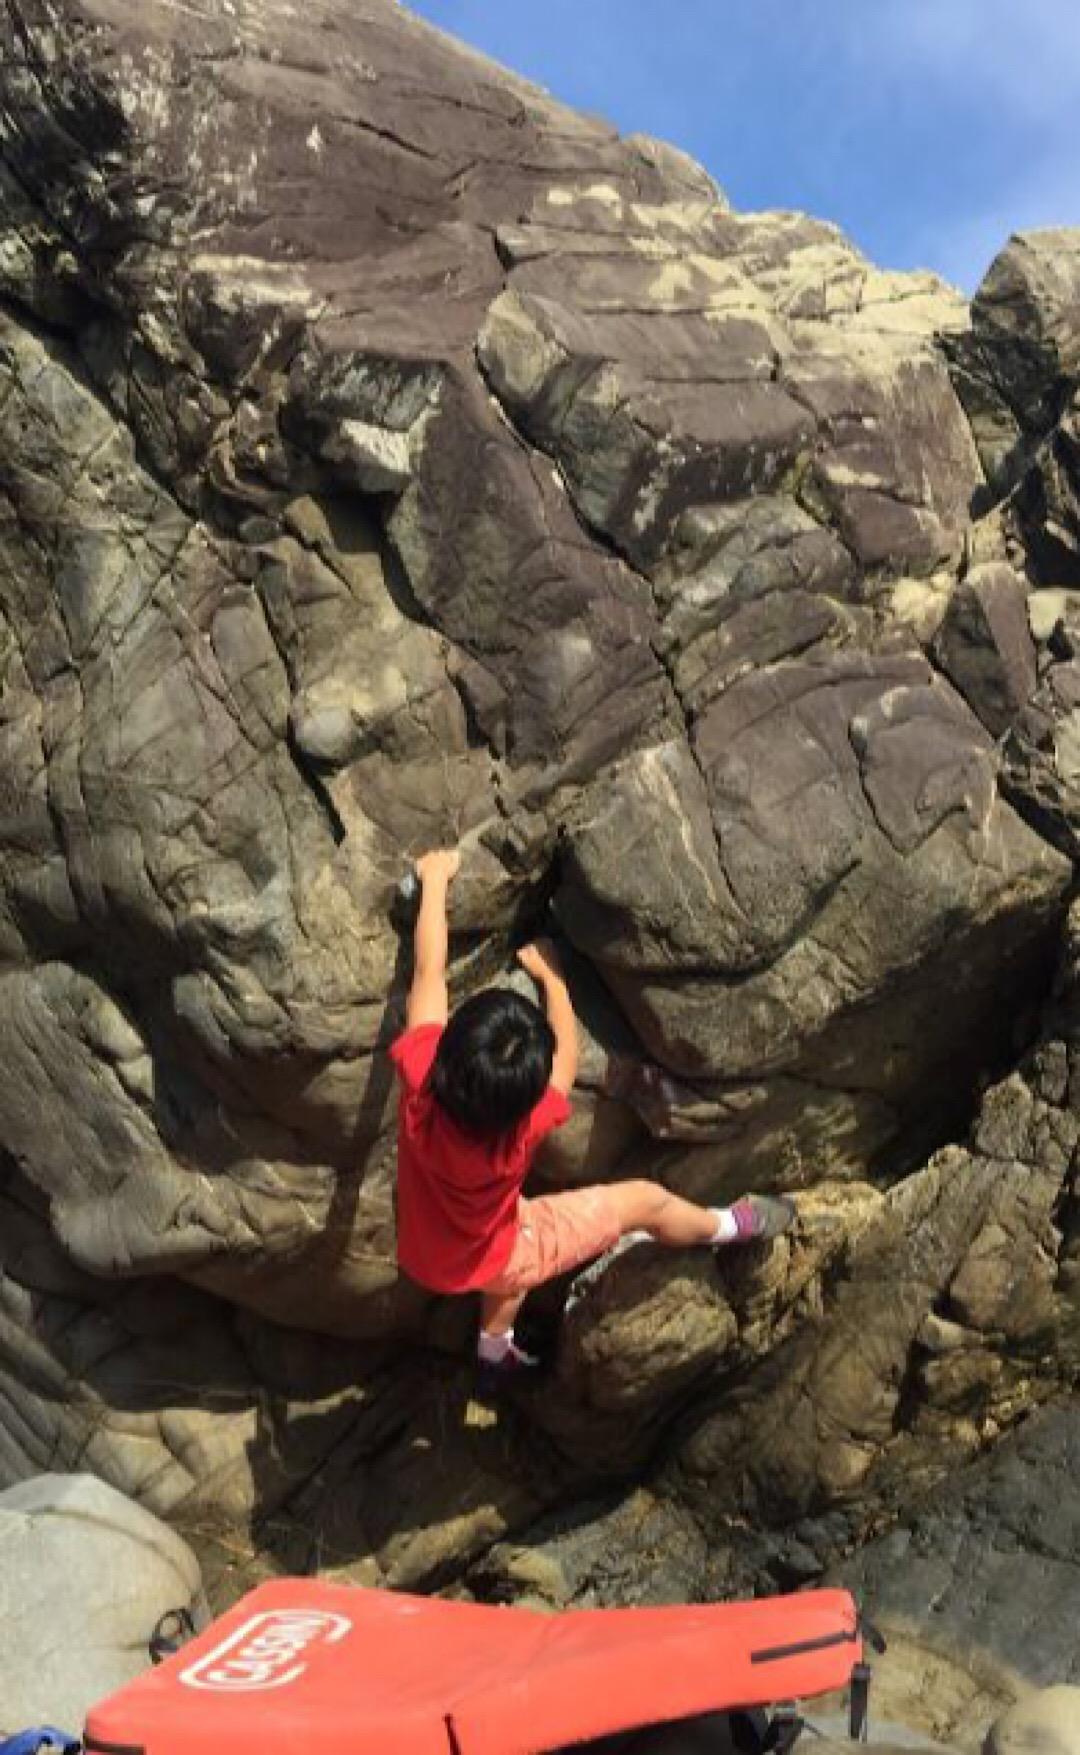 【レンタルマット】屋久島の岩を登る!アウトドアボルダリング【トポ・チョーク無料貸出サービス】屋久島の岩を登る!アウトドアボルダリングレンタルマット【1枚】